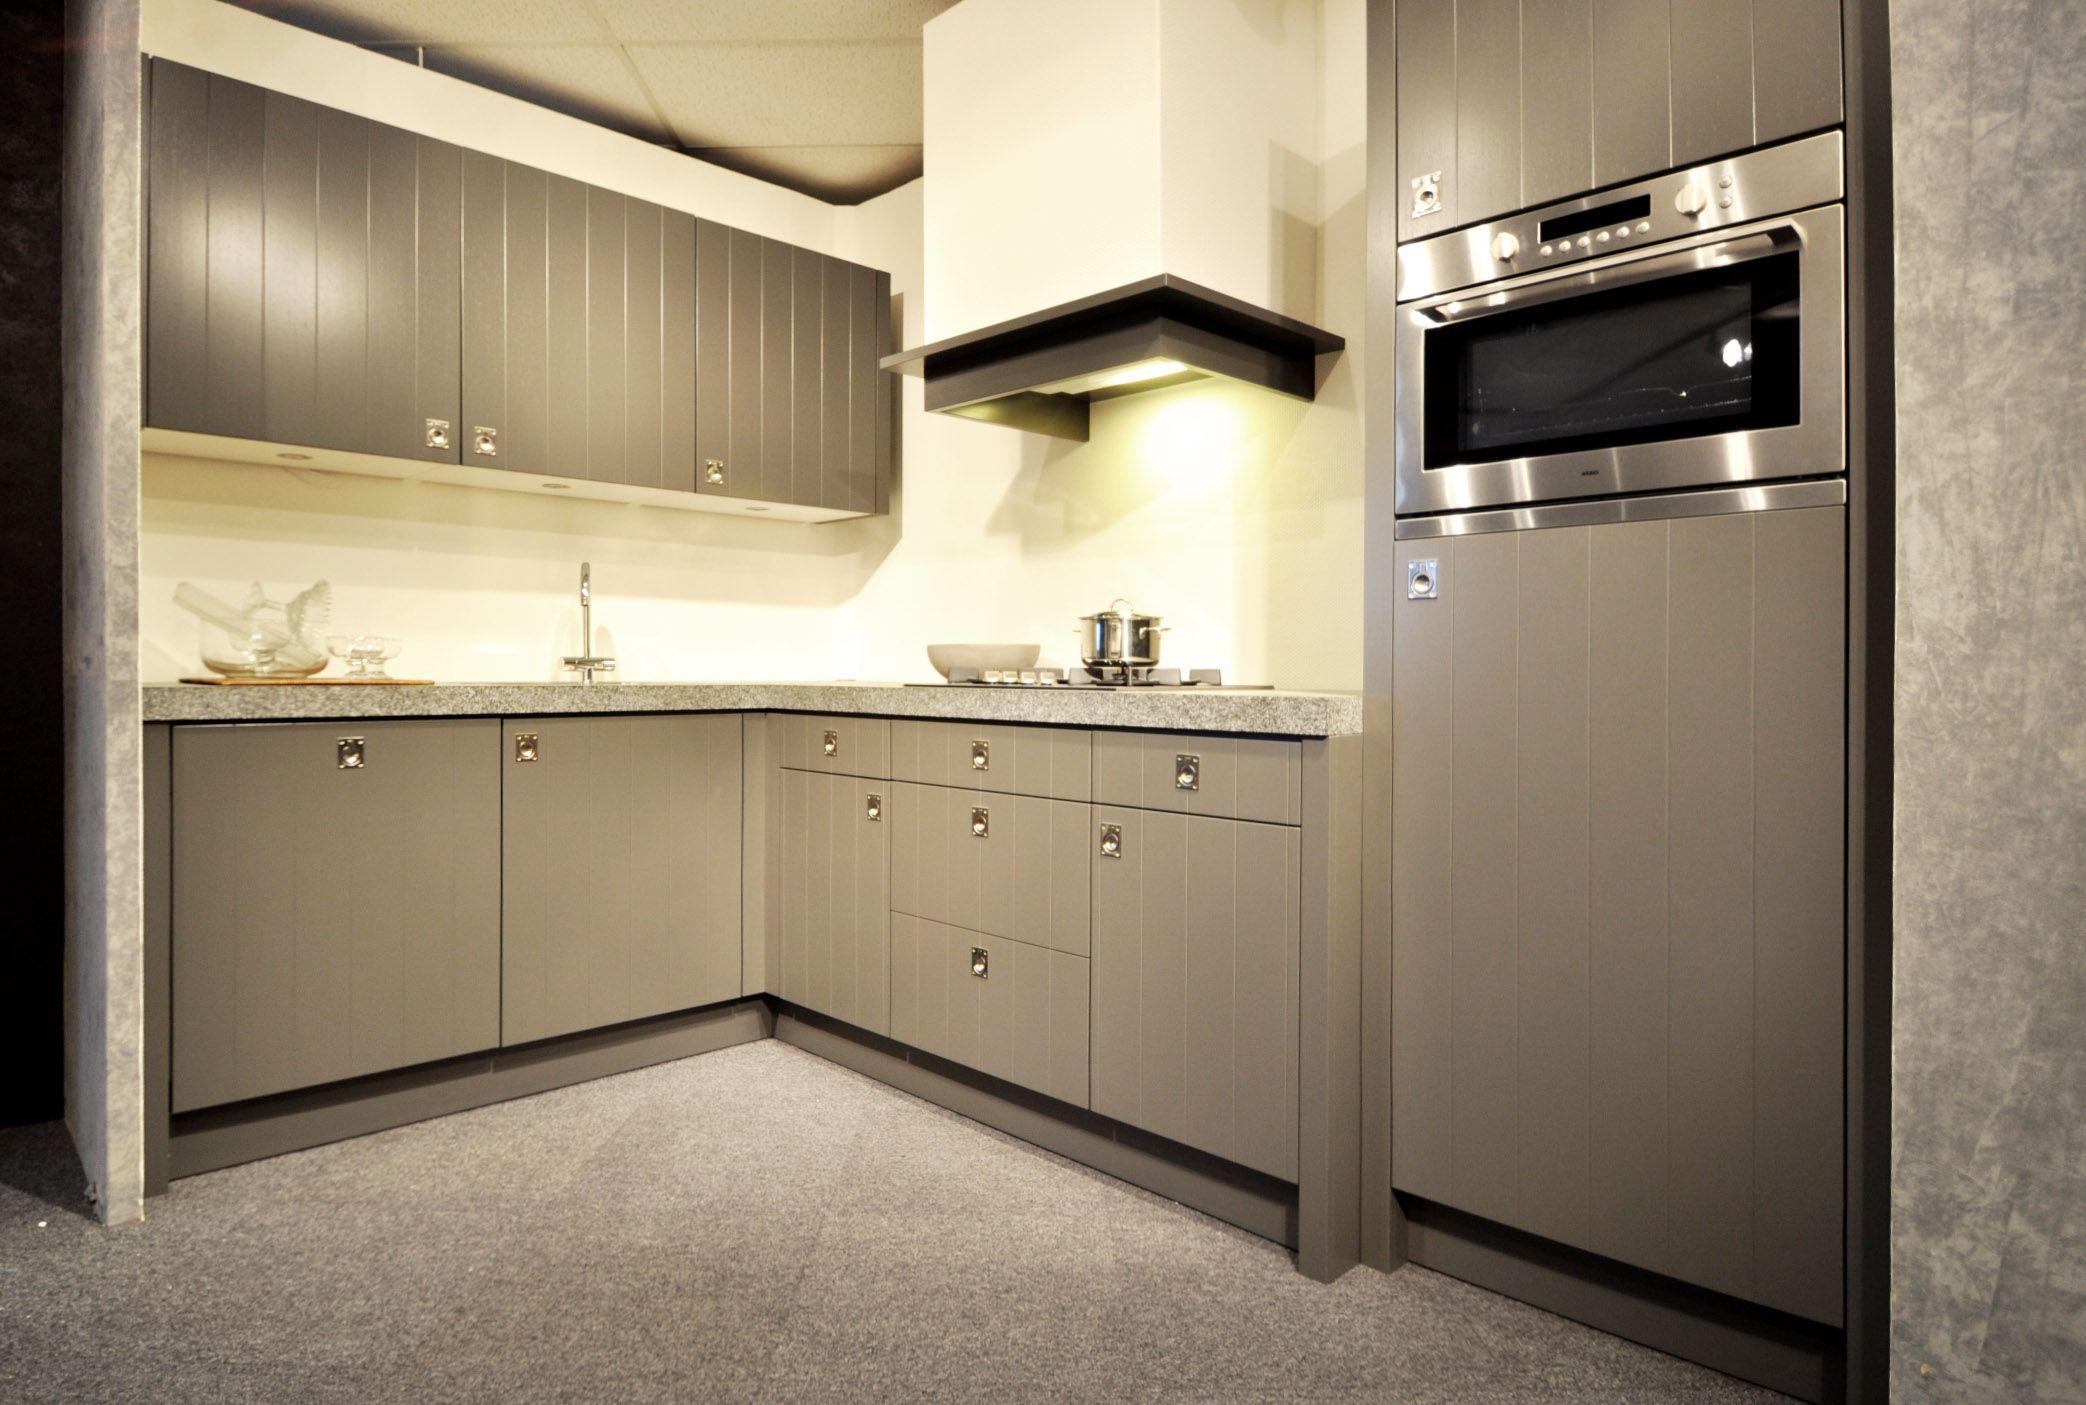 Keuken Ikea Prijs : Gemiddelde prijs ikea keuken u informatie over de keuken